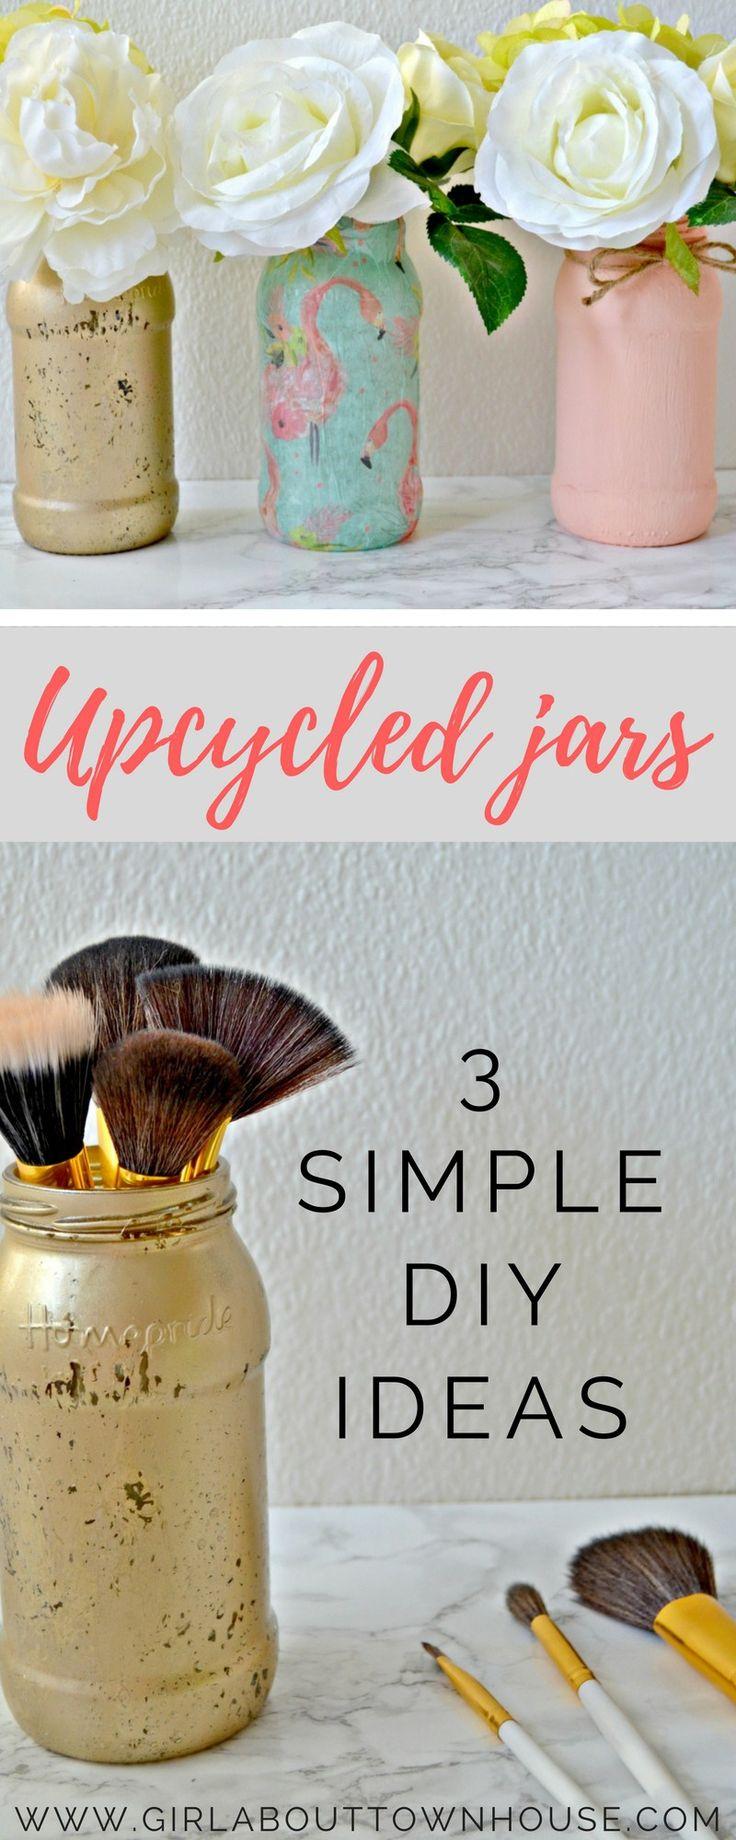 Upcycle jars three simple DIY ideas 324